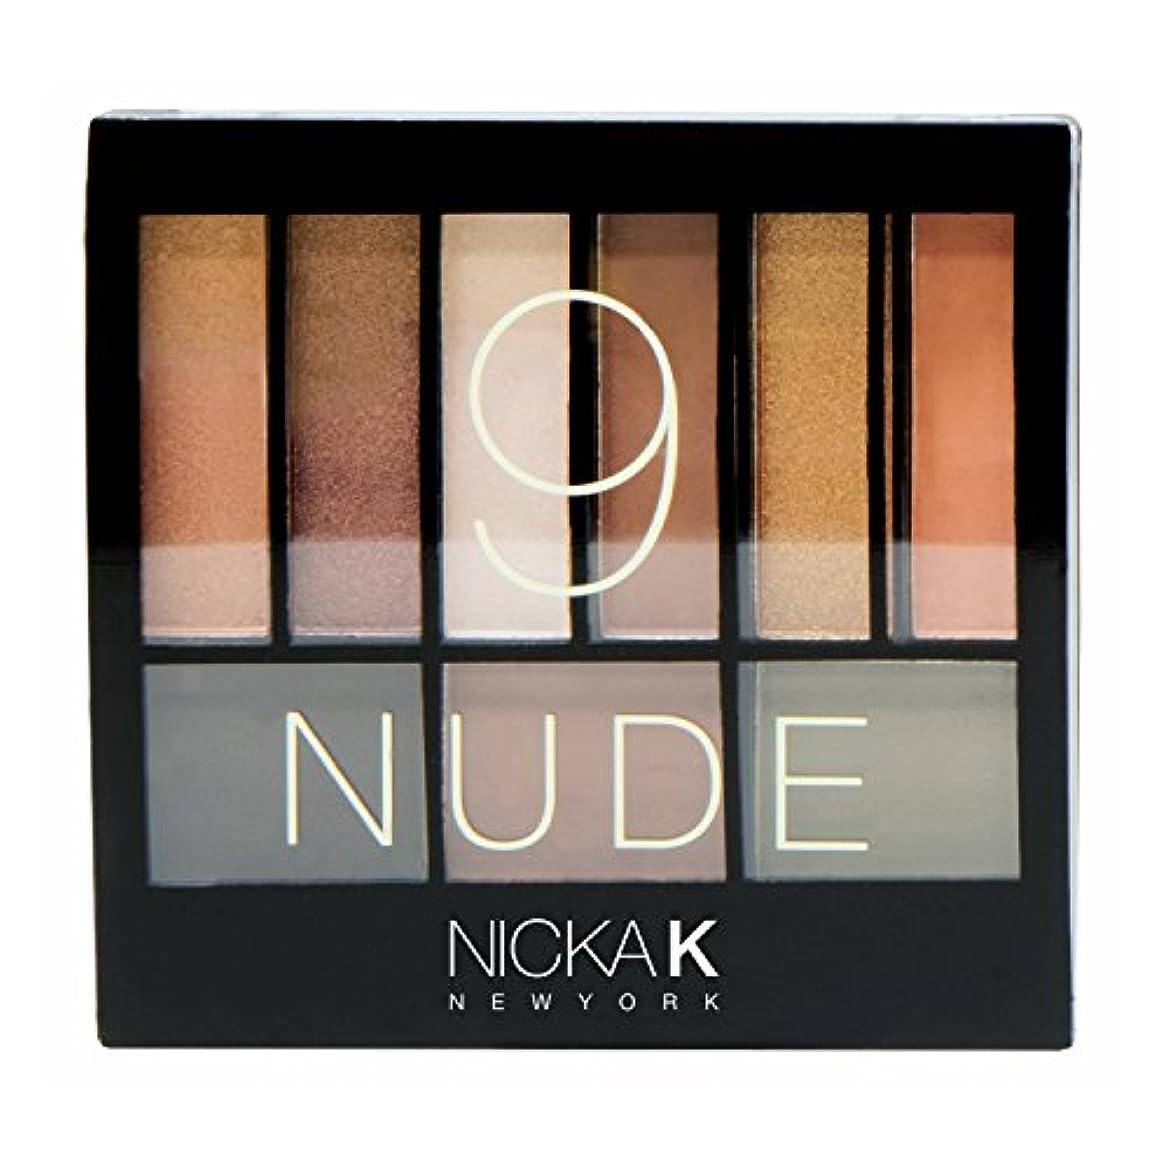 とティーム履歴書五月NICKA K Perfect 9 Nude Eyeshadow Palette Set (並行輸入品)